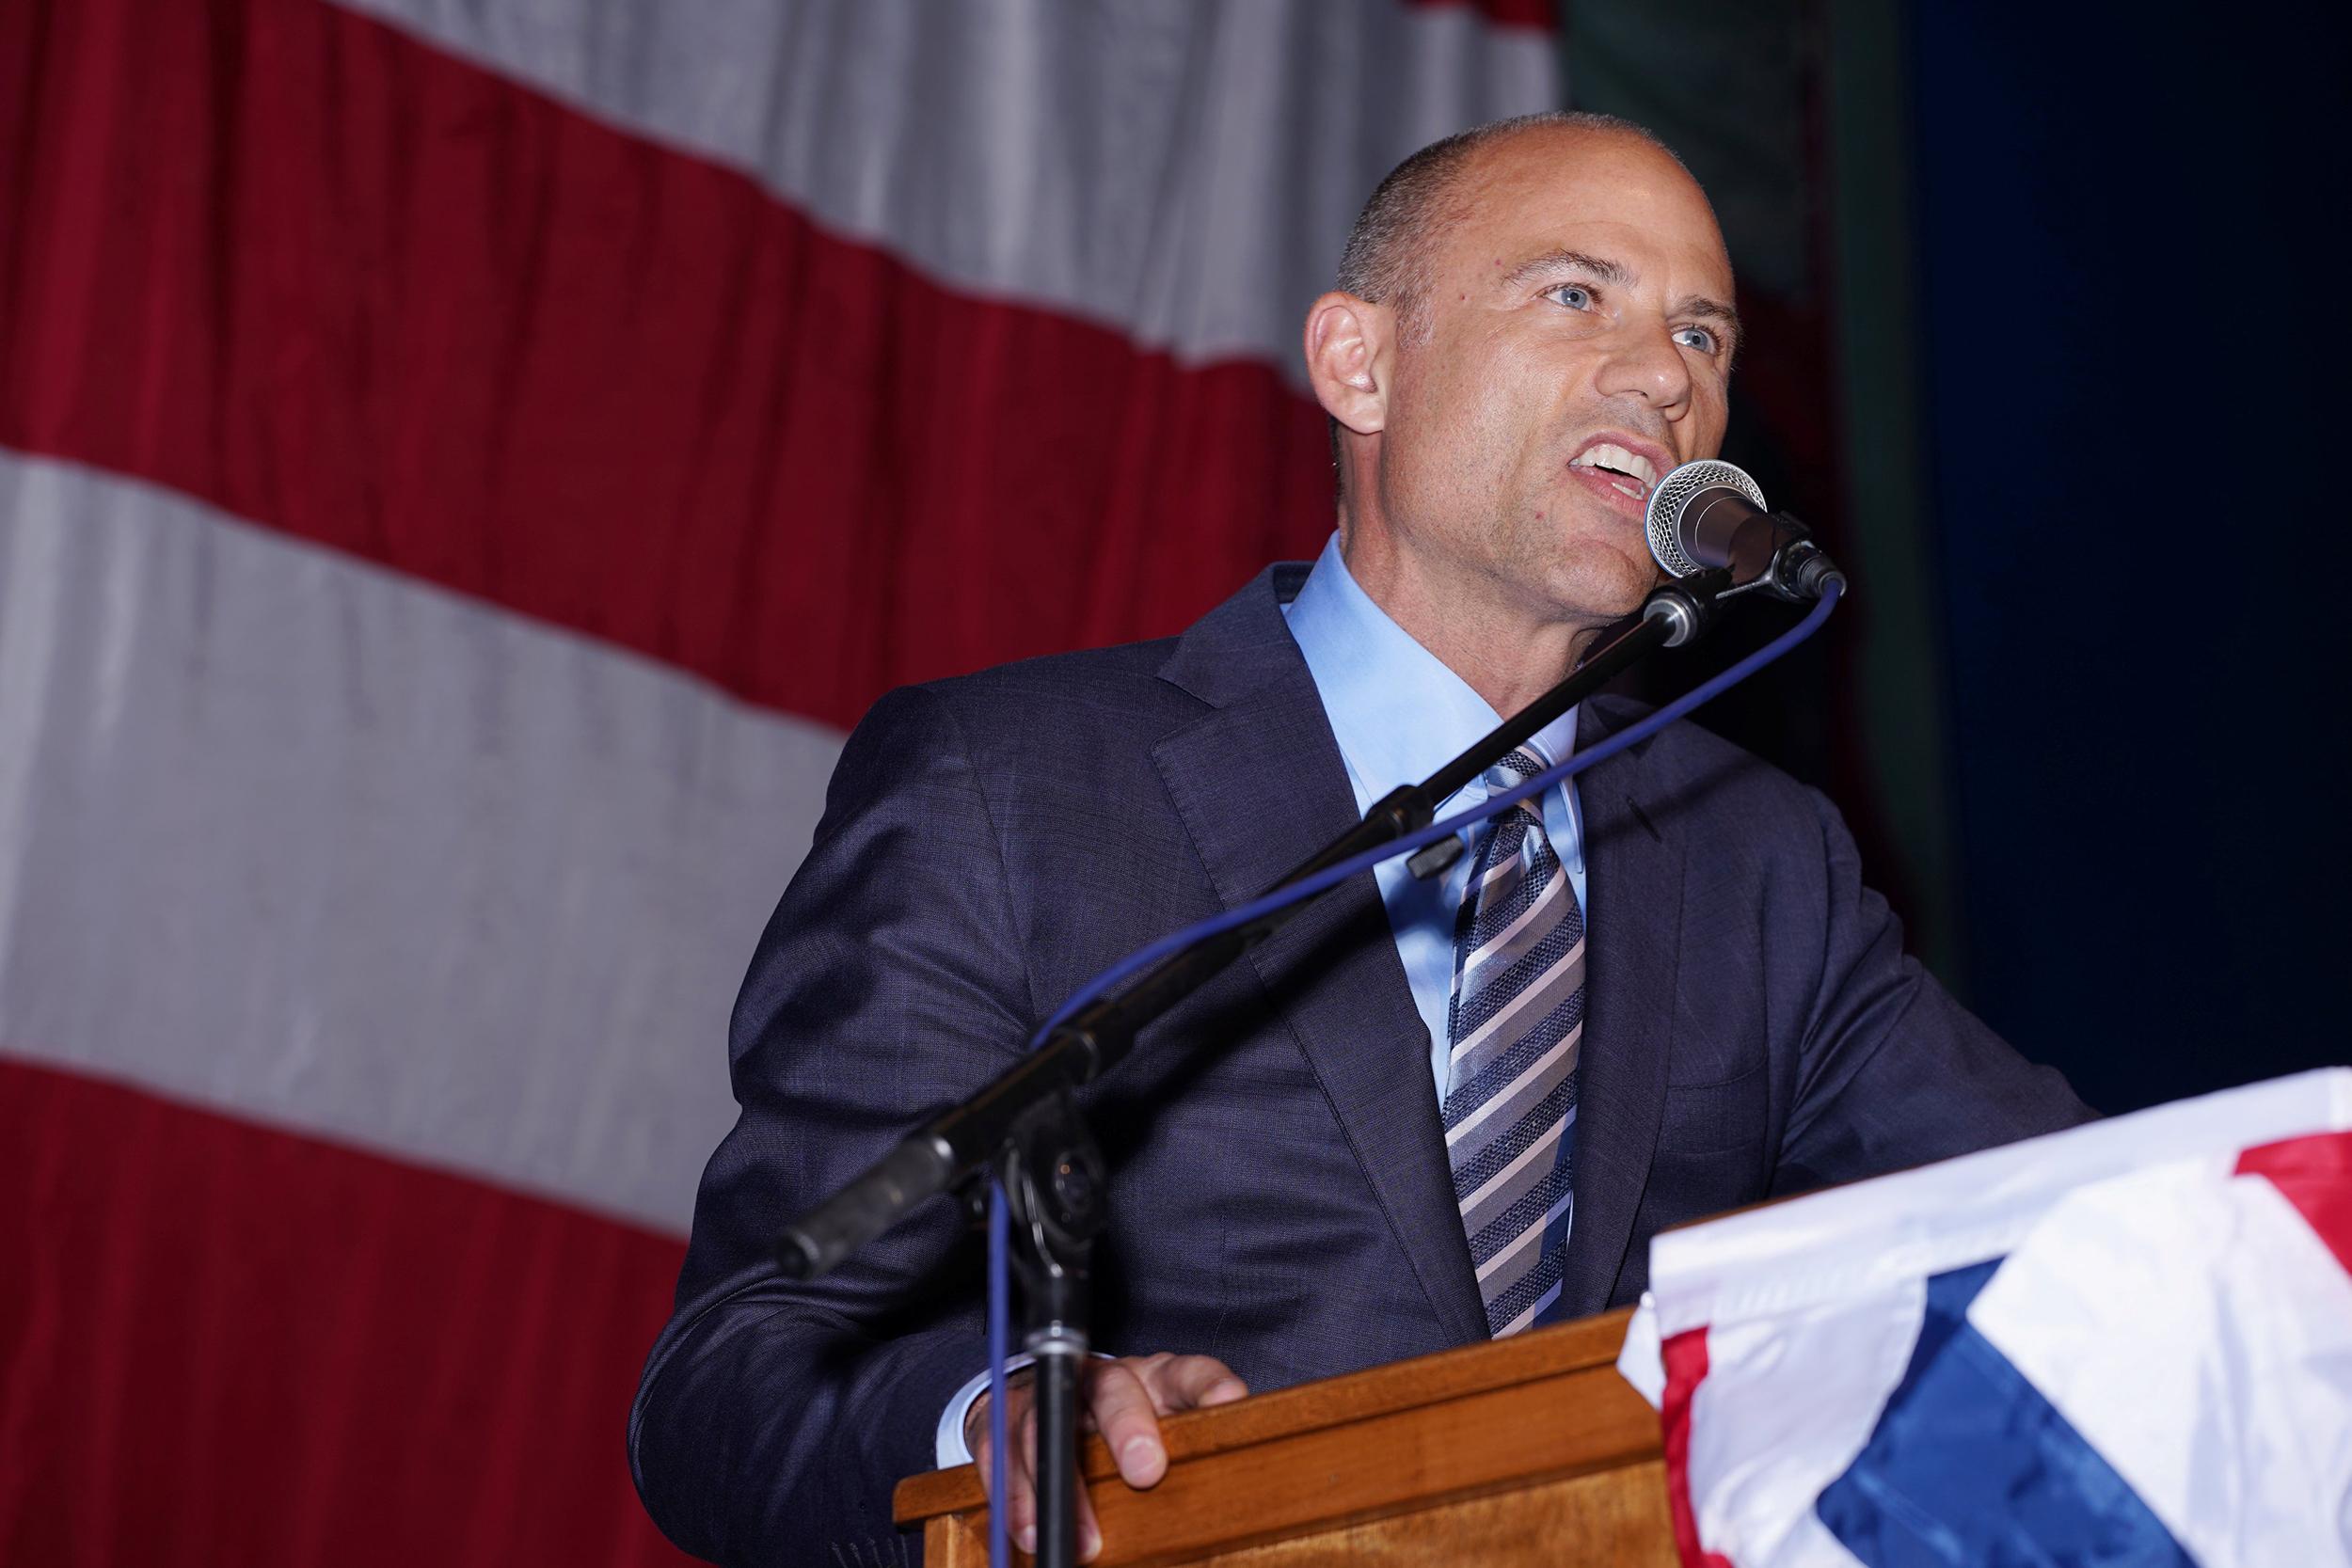 Avenatti's 'swagger' stirs Iowa Democrats